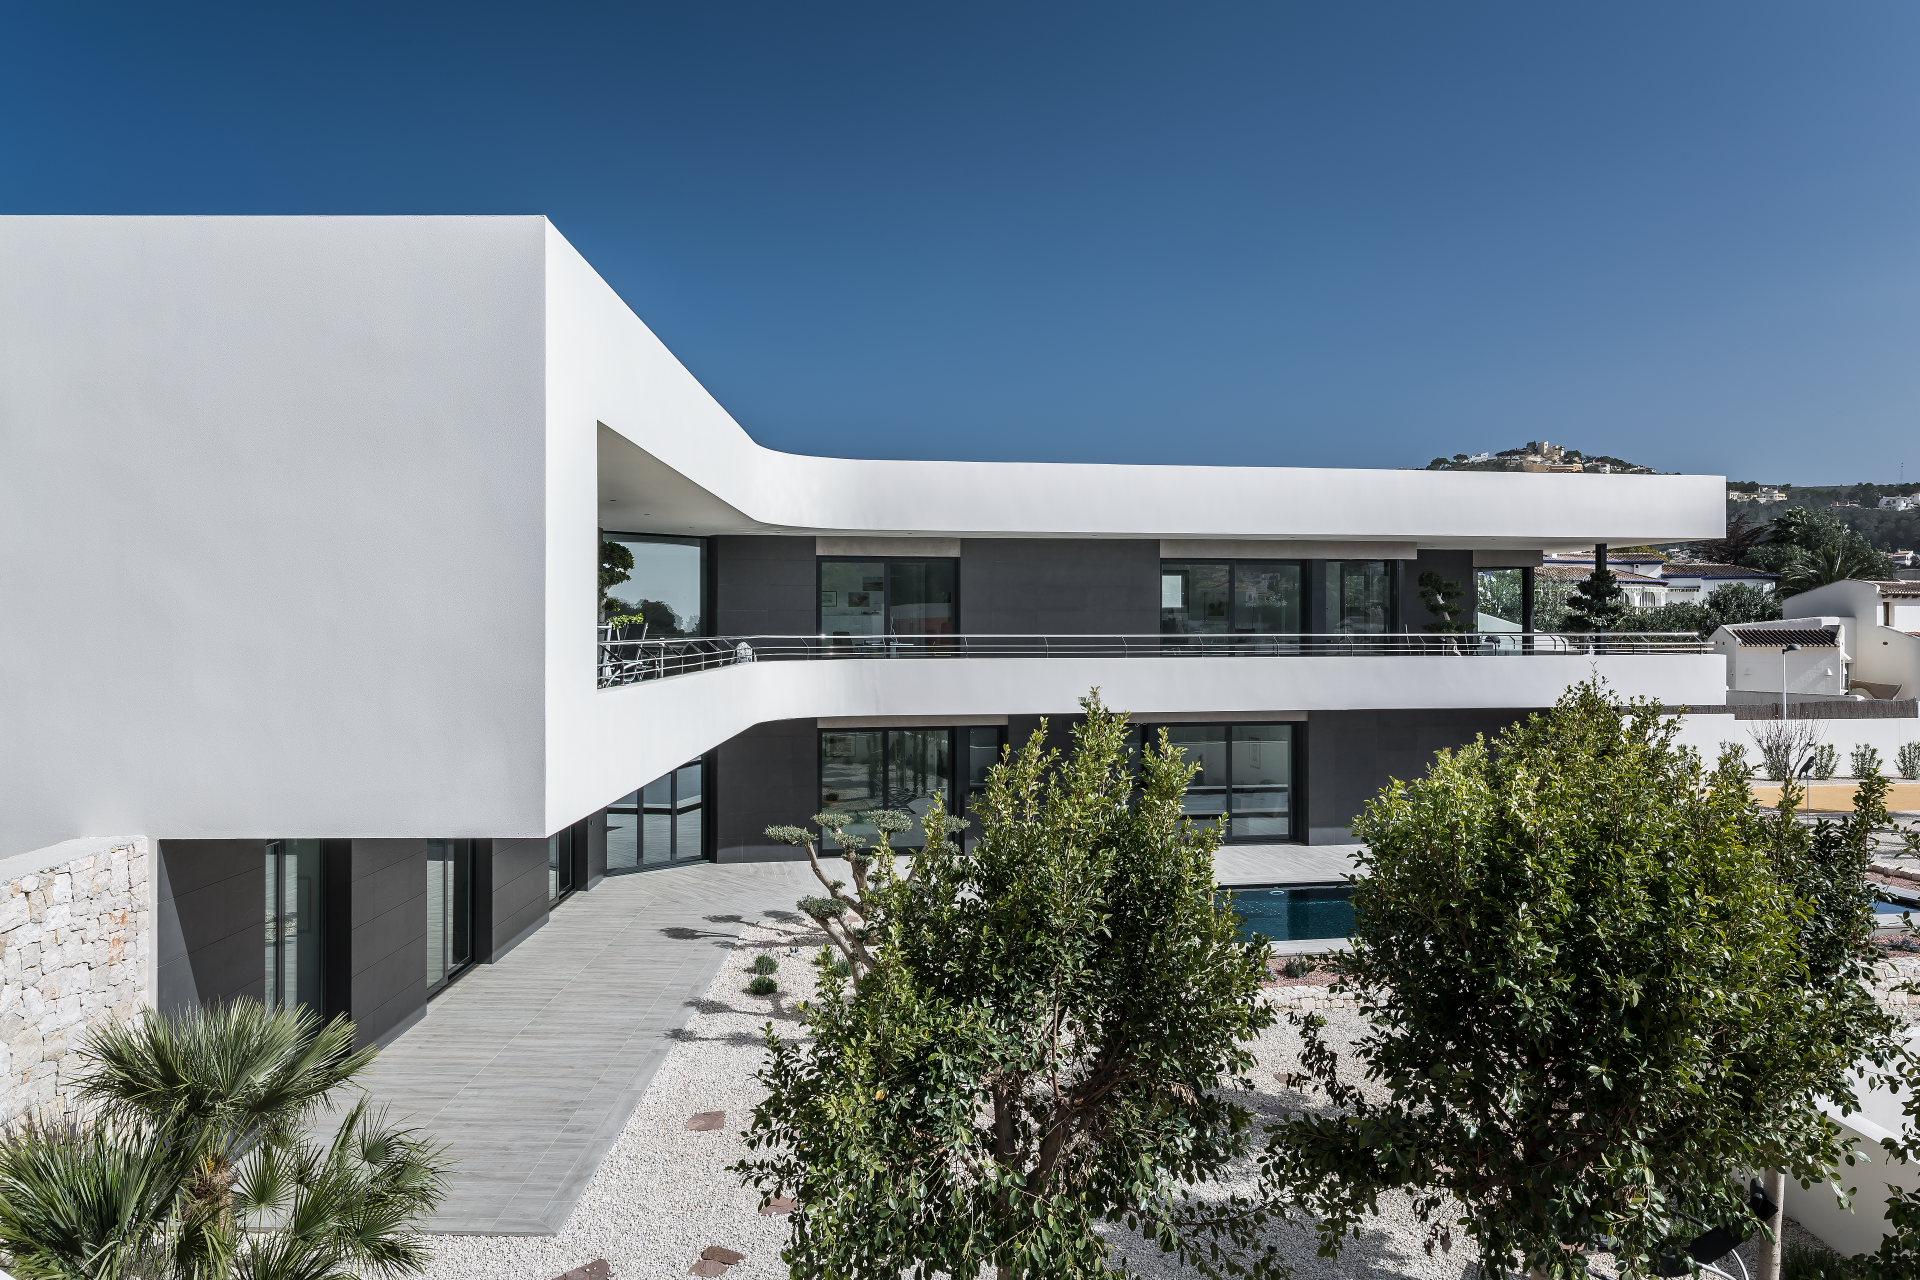 fotografia-arquitectura-valencia-alicante-moraira-german-cabo-pascual-giner (11)